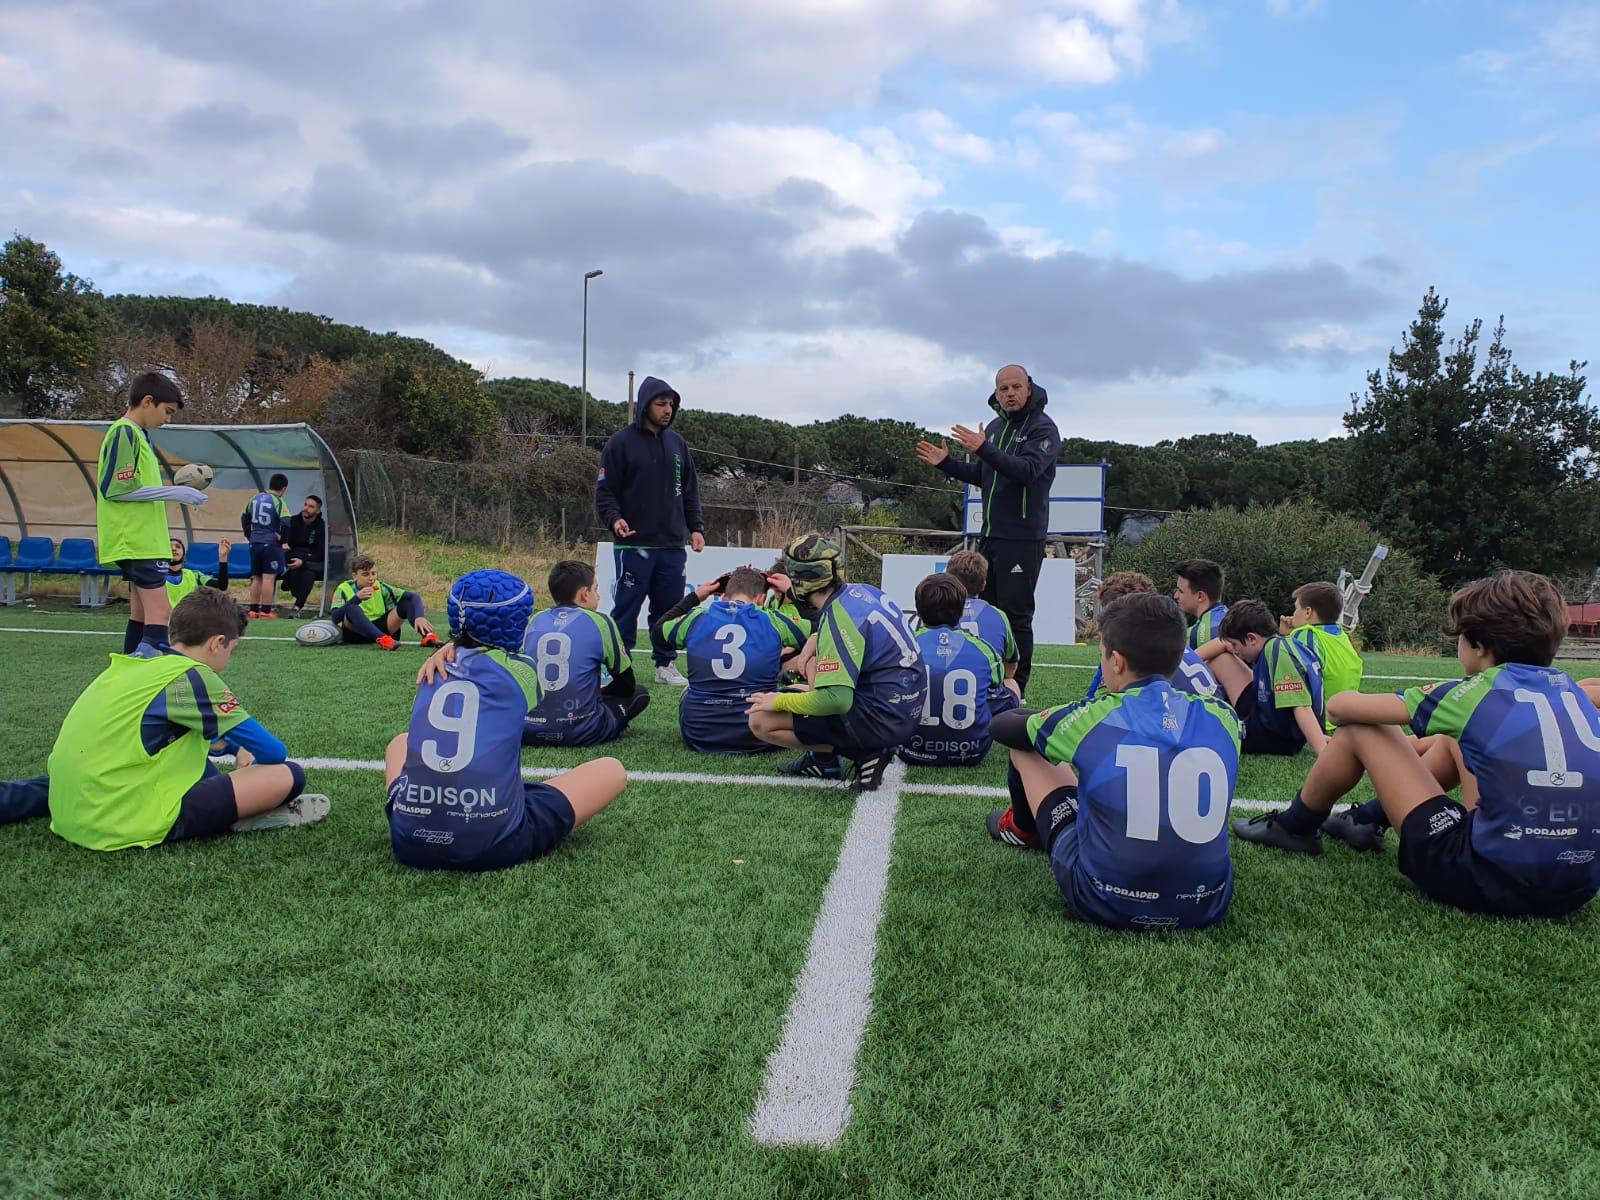 U14 maschile: Concentramento del 19/01/2020 – Villaggio del Rugby